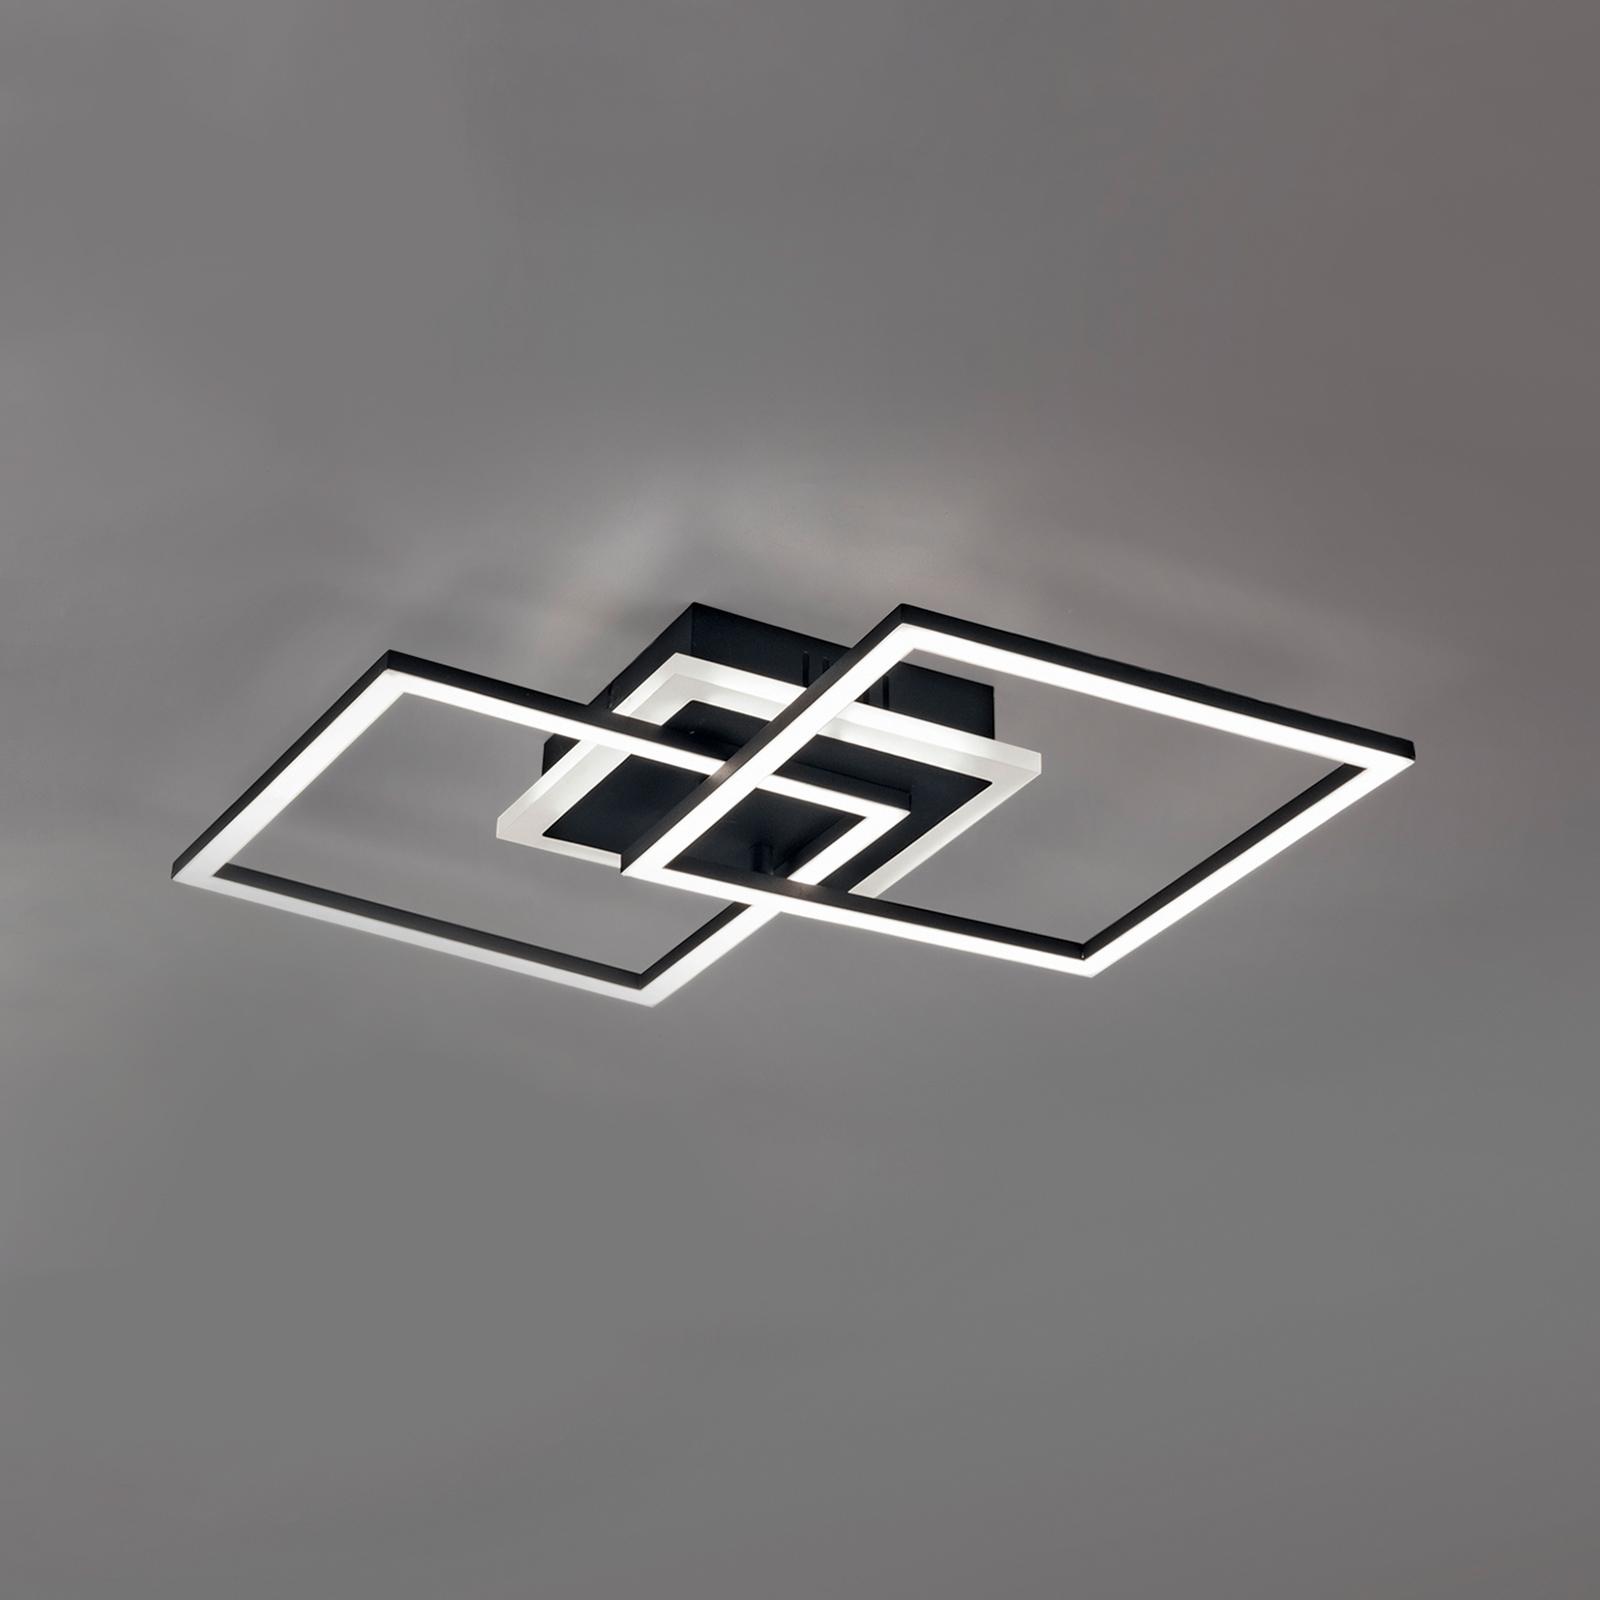 LED-Deckenleuchte Venida, schwarz, zwei Quadrate